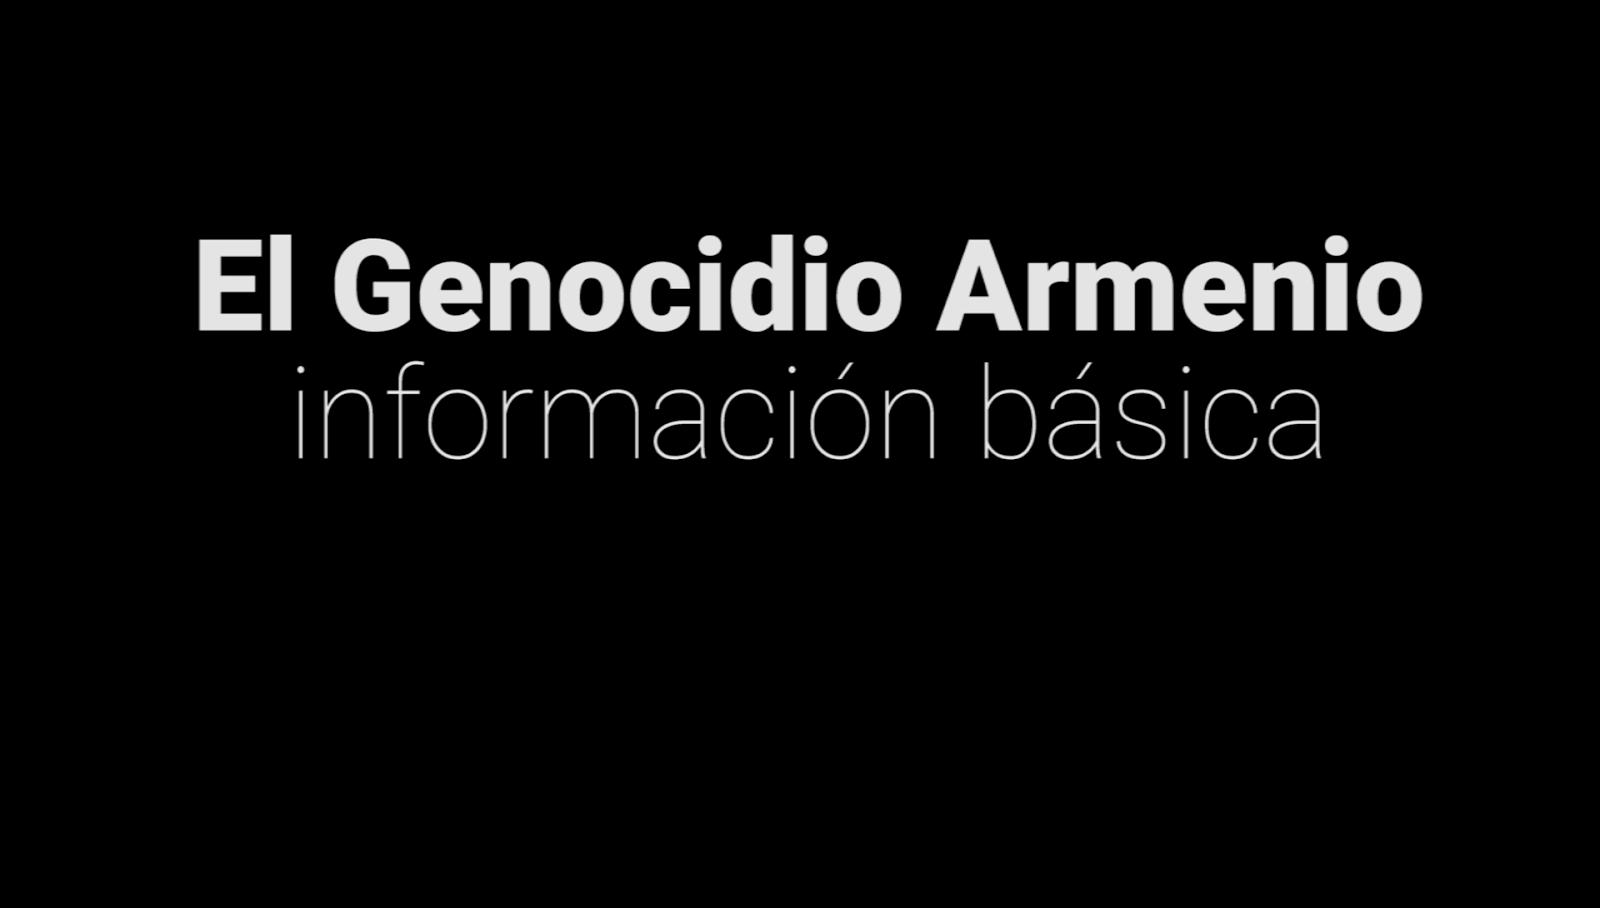 El Genocidio Armenio: información básica